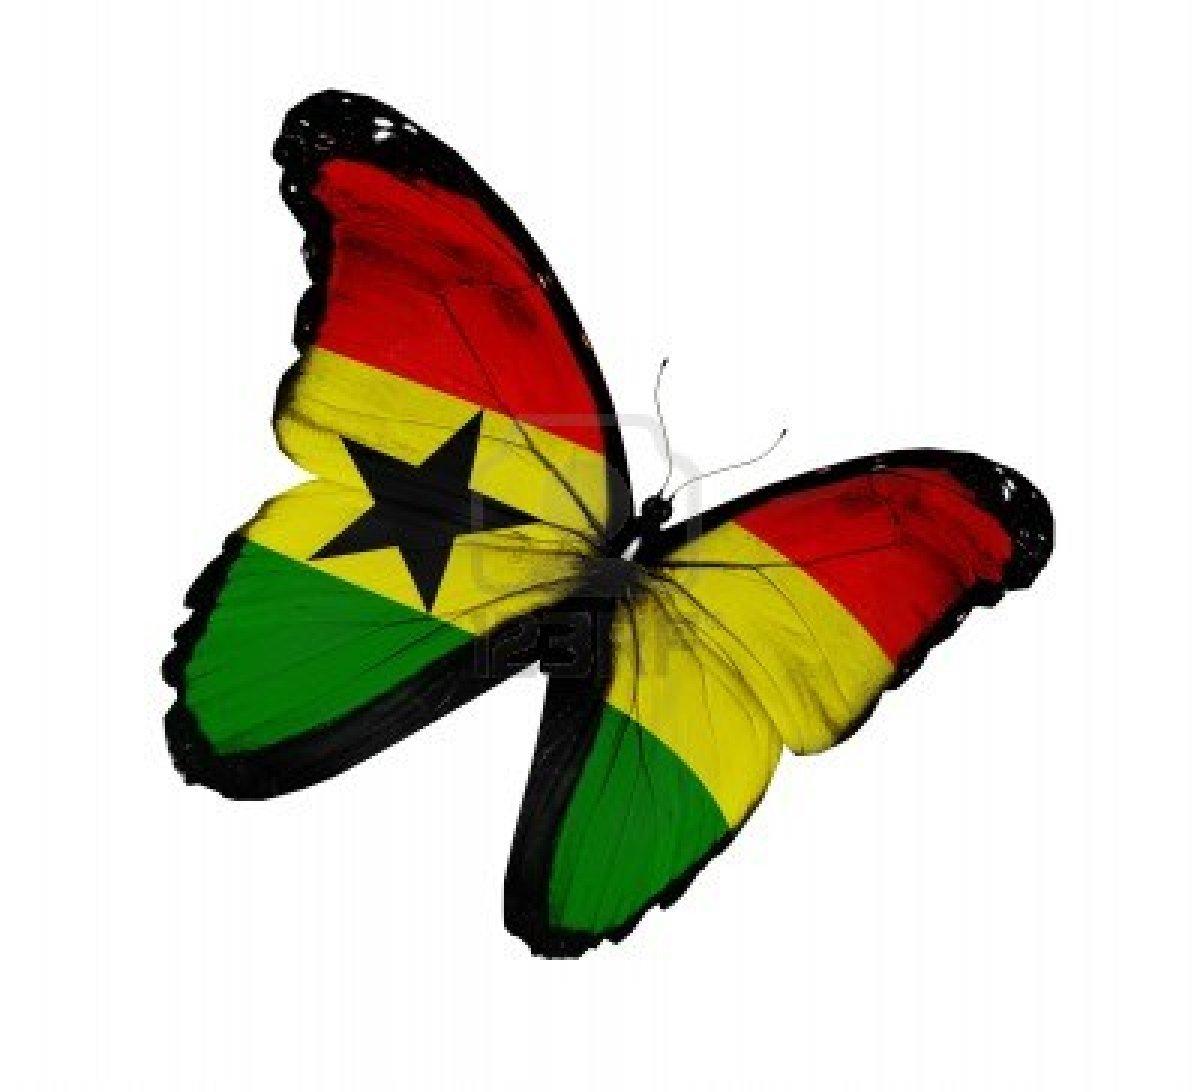 14675416-ghana-flag-butterfly-flying